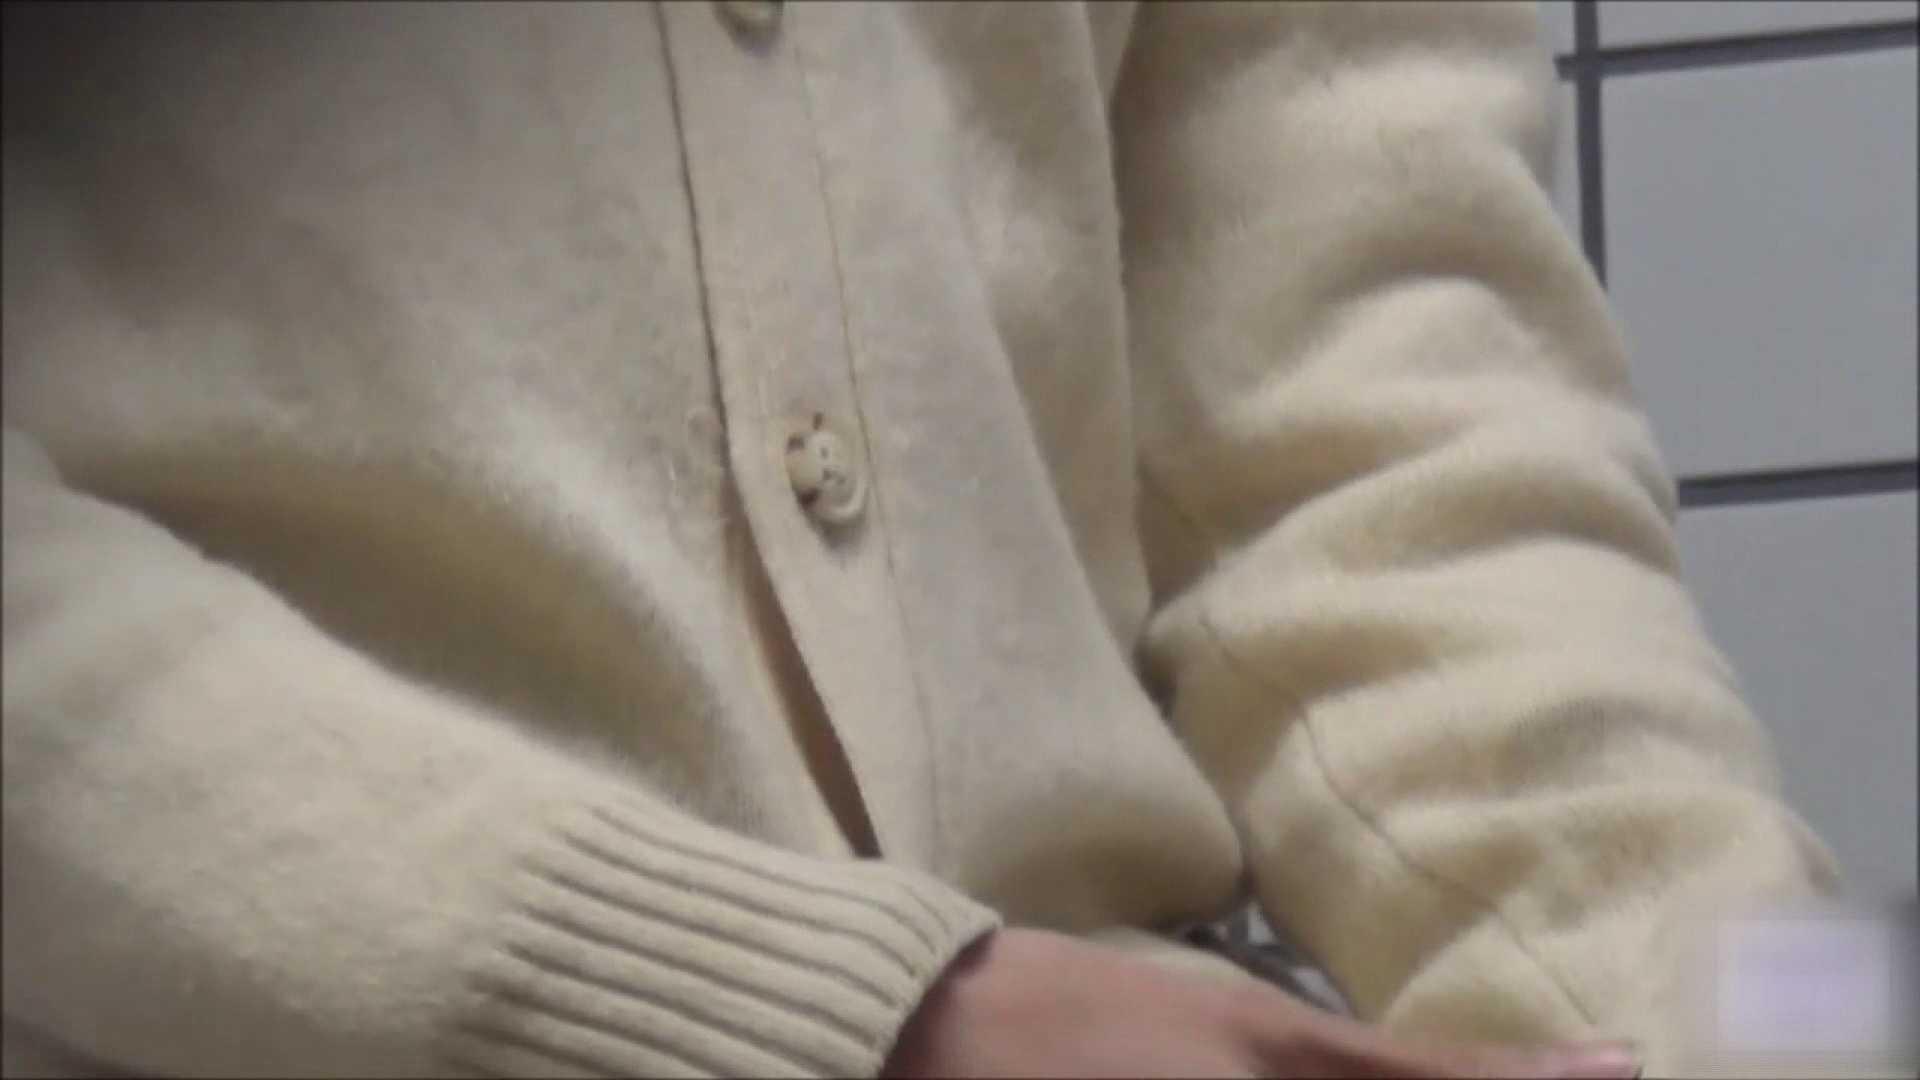 美少女トイレでオナニー!盗撮編vol.02 オナニー流出   アイドル  79連発 1